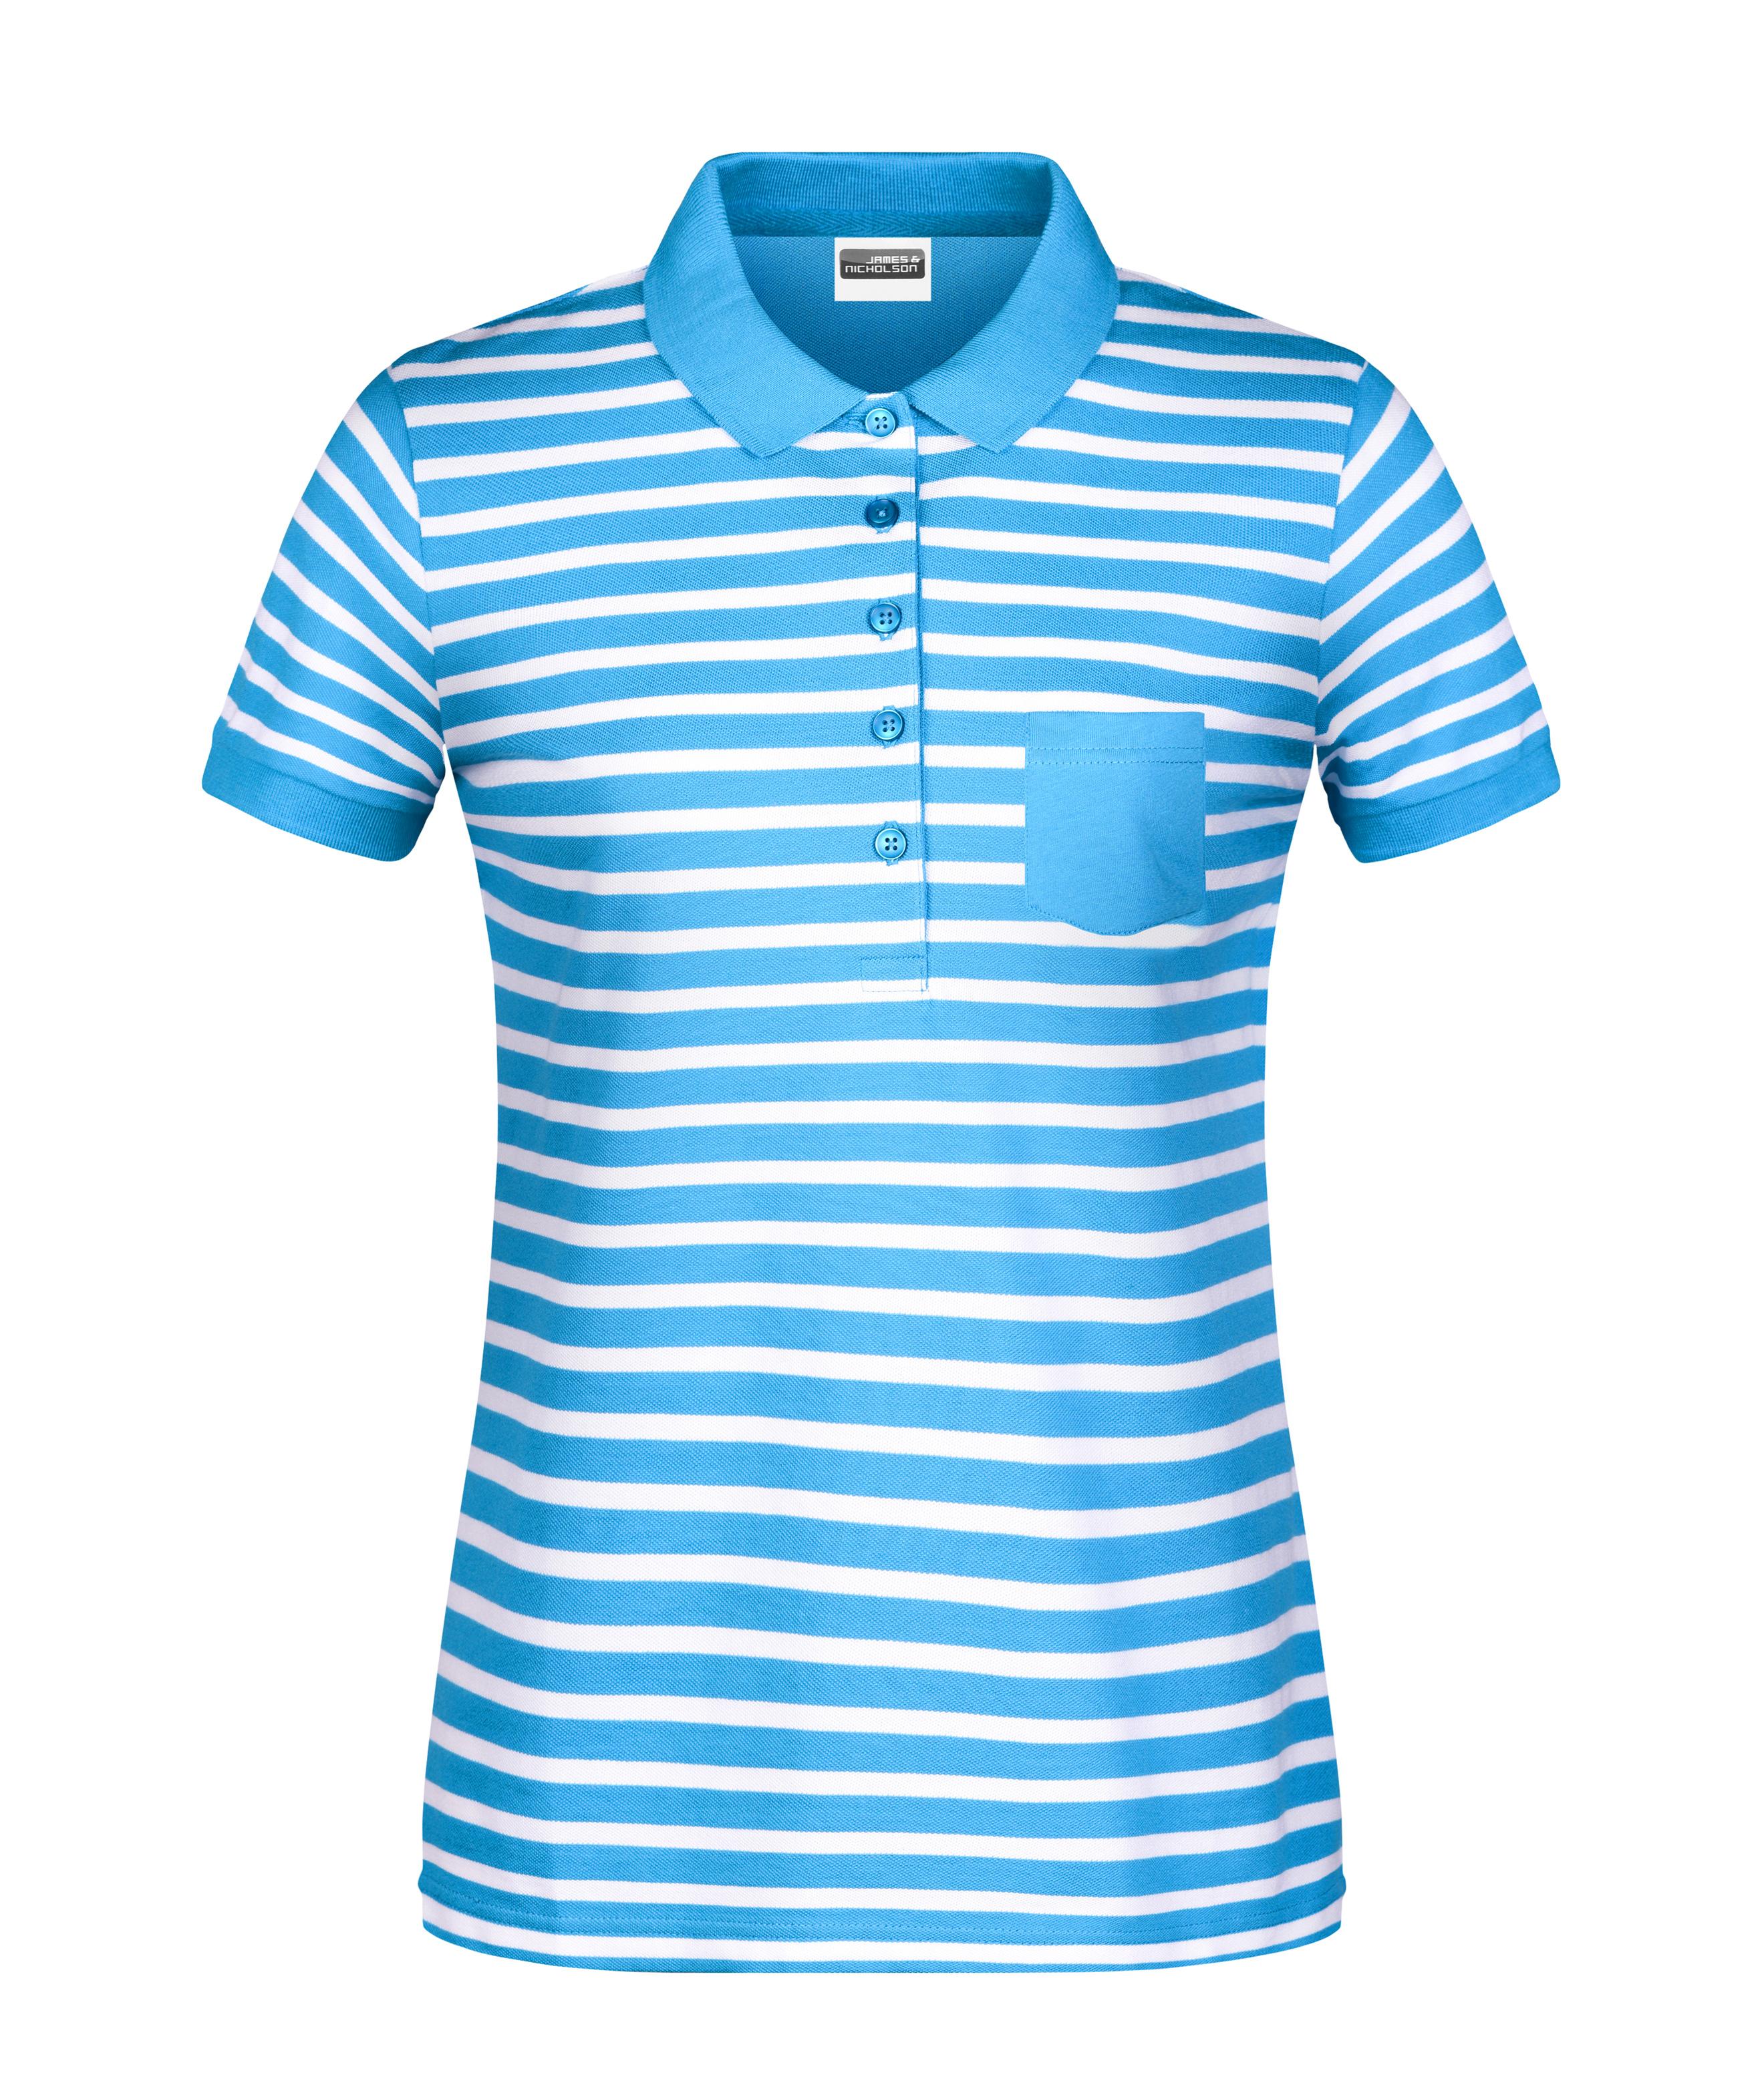 Polo in maritimem Look mit Brusttasche